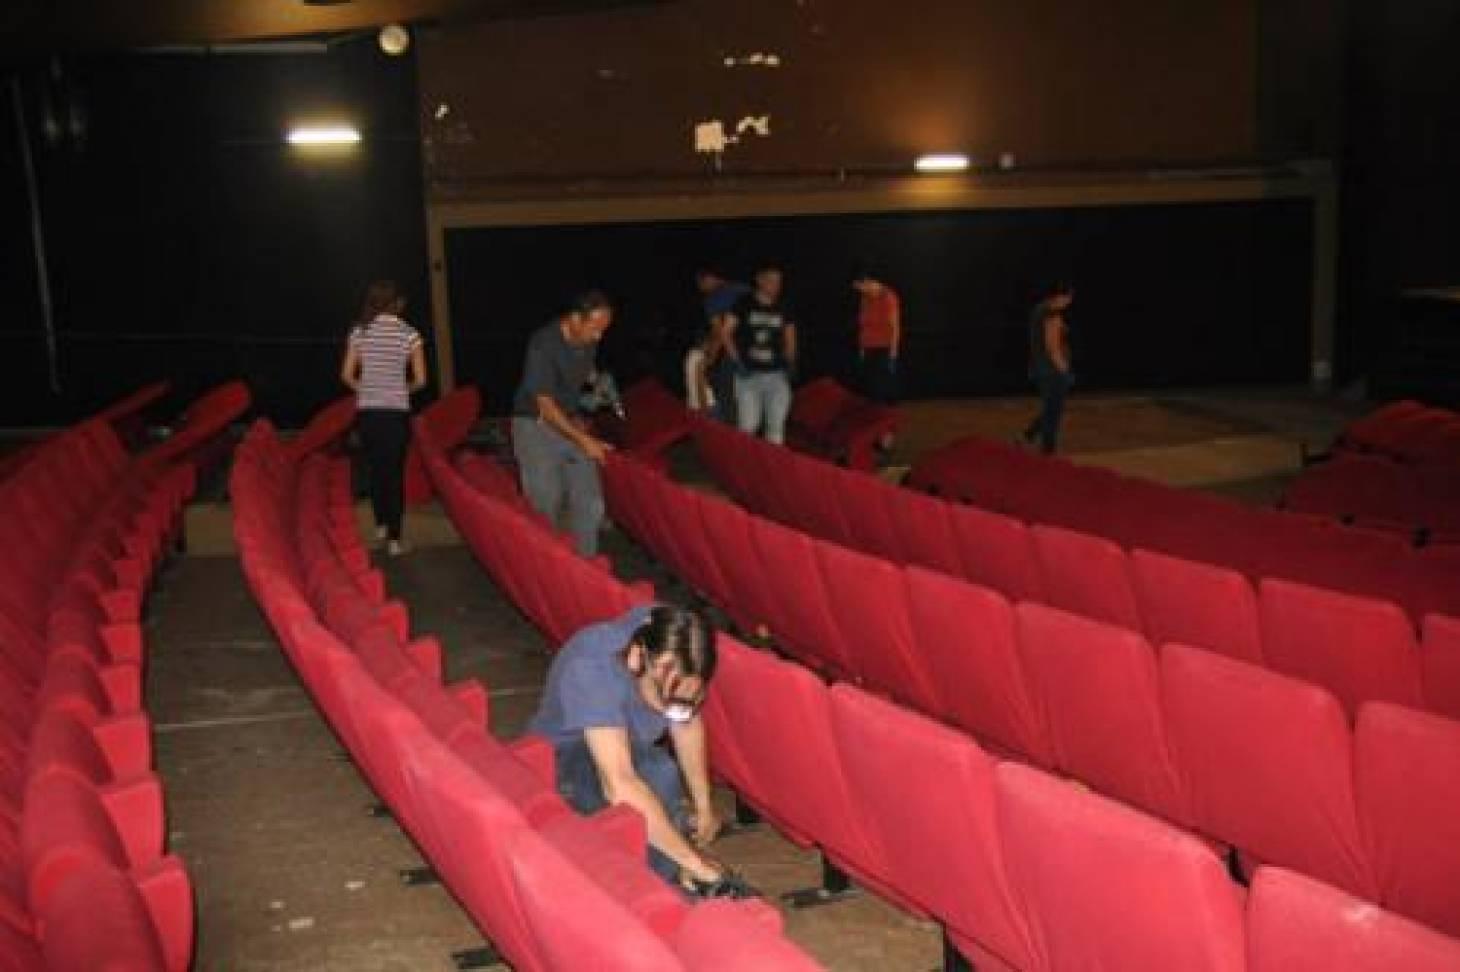 Ancien théâtre : les fauteuils enlevés